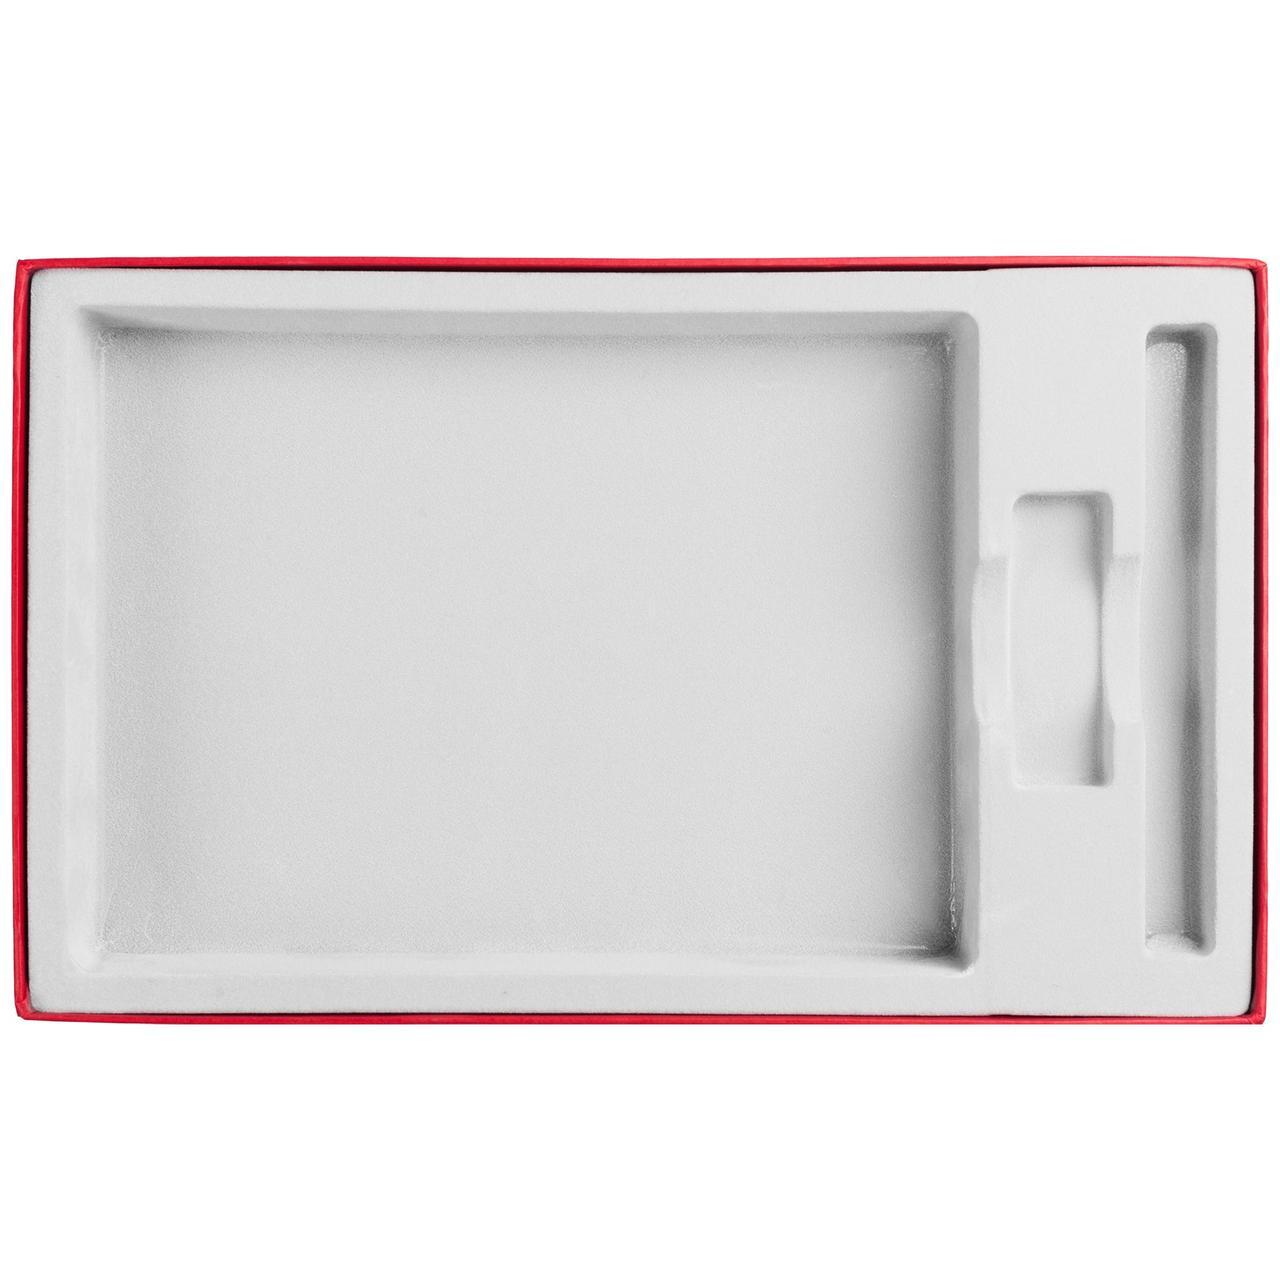 Коробка In Form под ежедневник, флешку, ручку, красная (артикул 10067.50)